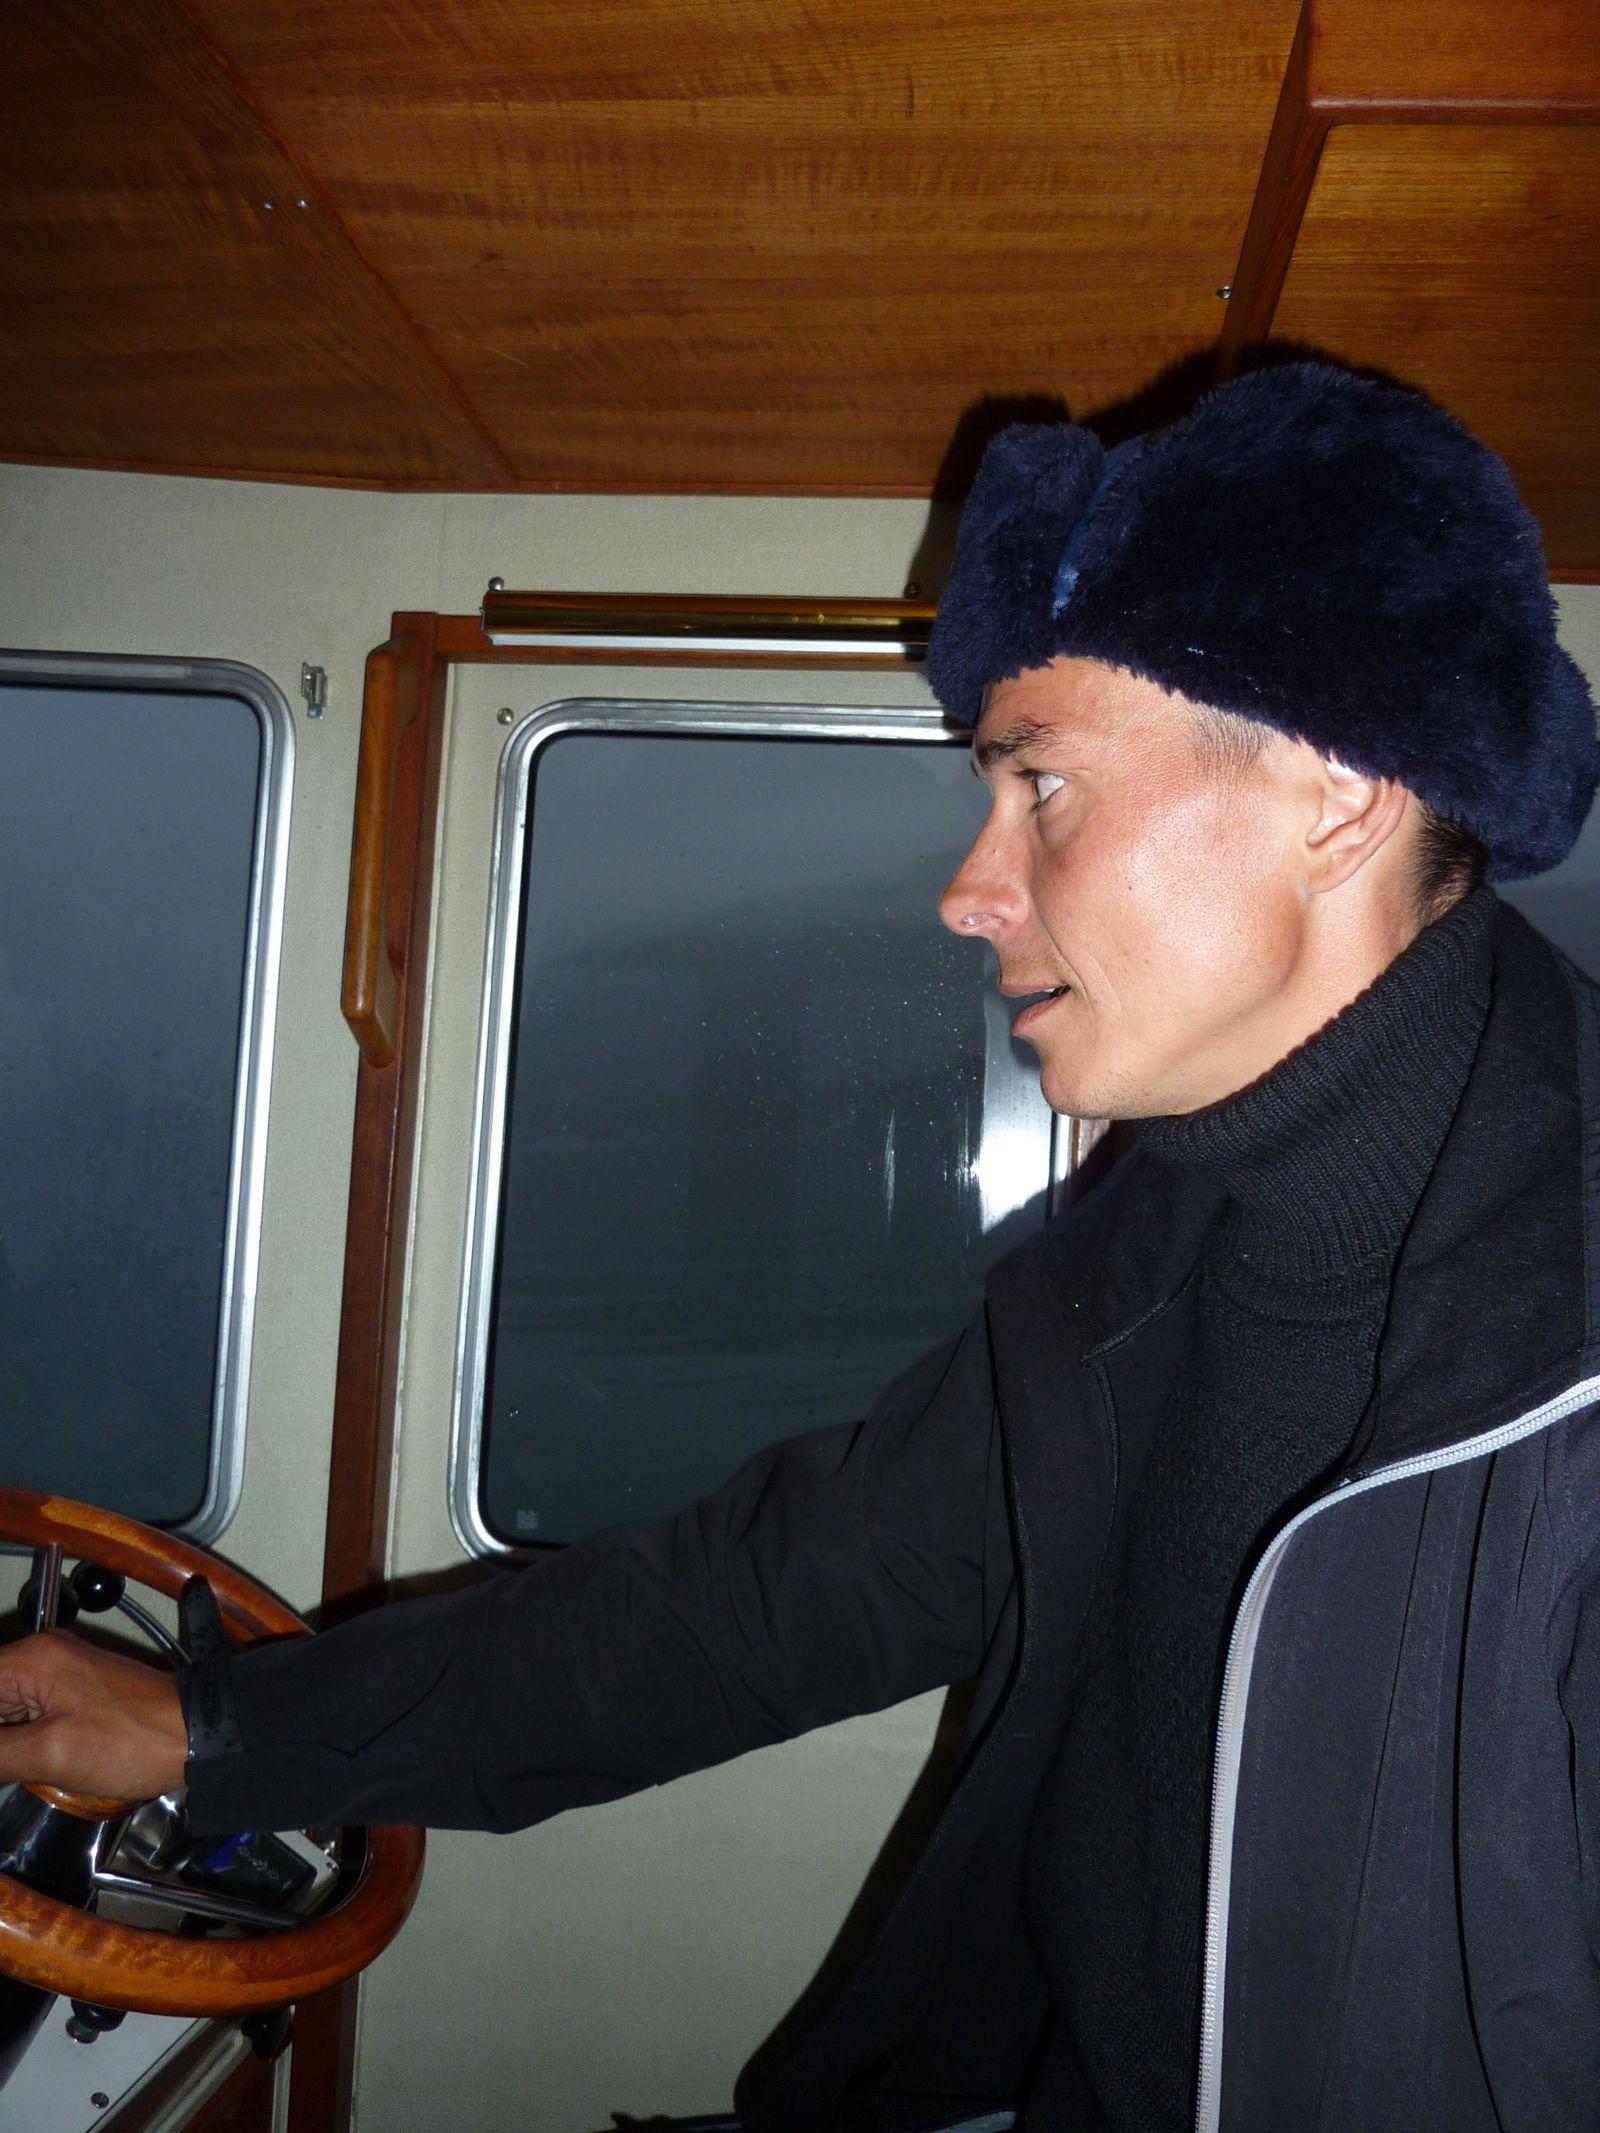 2010-08-04-2024_-_Klaus Lage Labansen